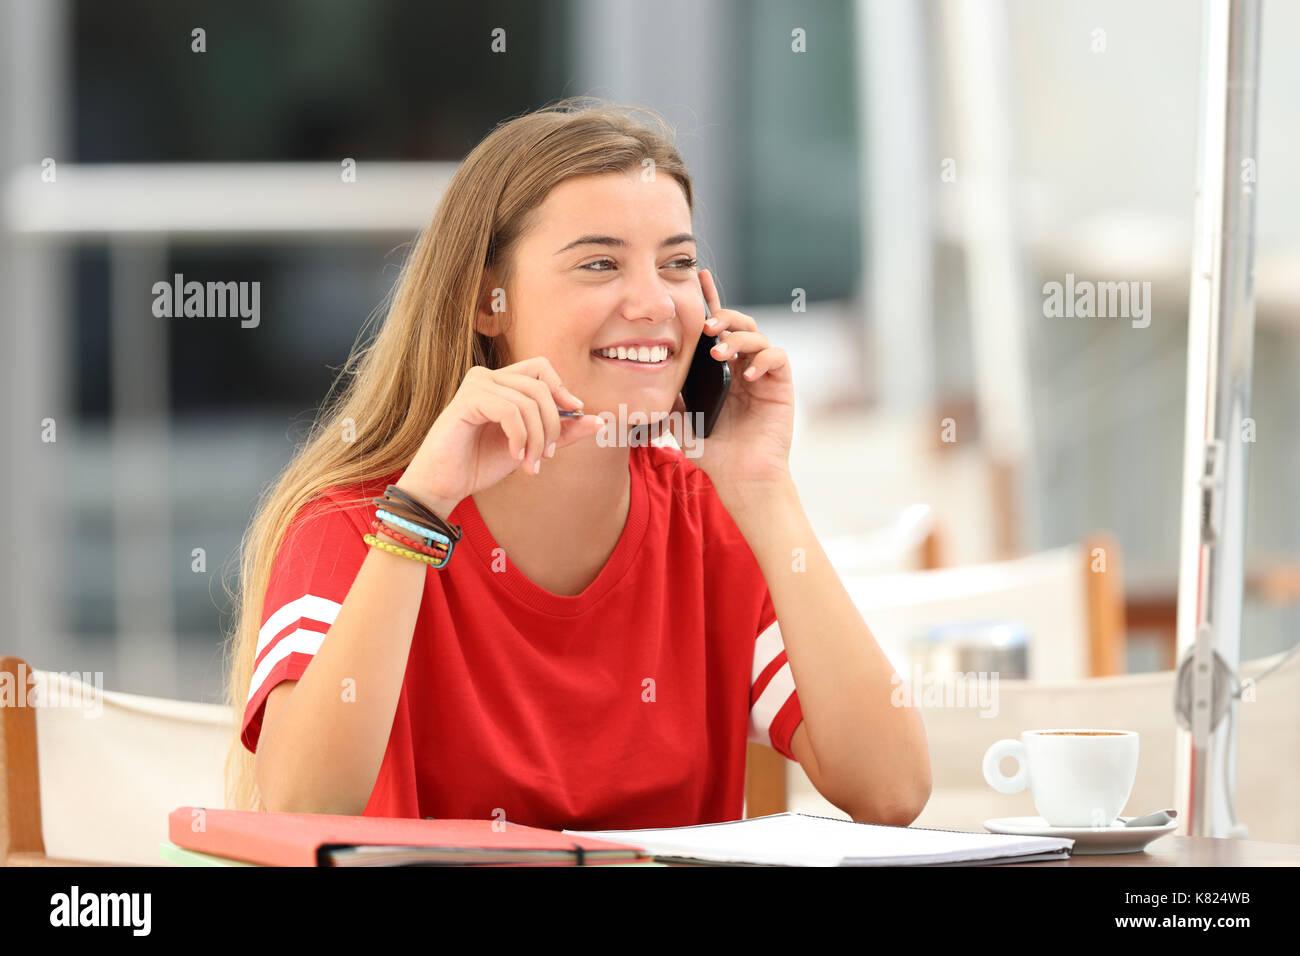 Cándido estudiante chica riendo hablando por teléfono el emplazamiento en un bar terraza Imagen De Stock